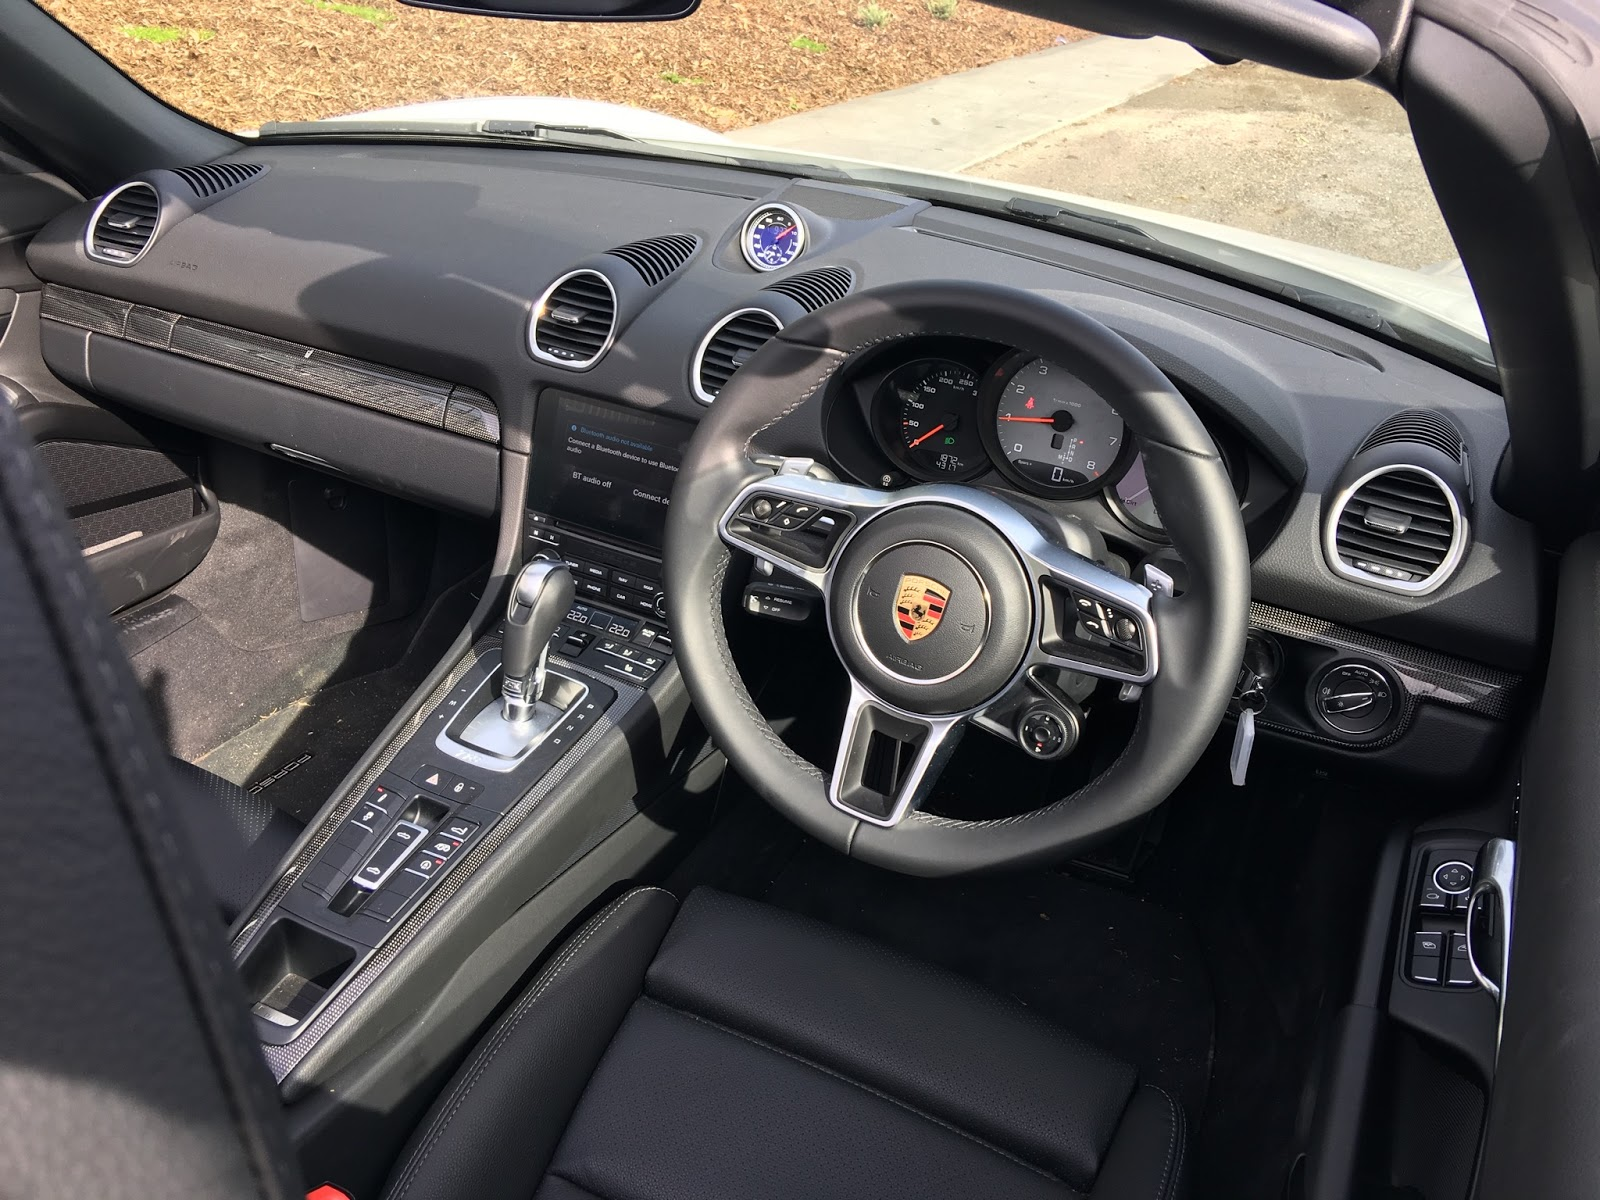 Đánh giá xe Porsche 718 Boxster / Boxster S 2017